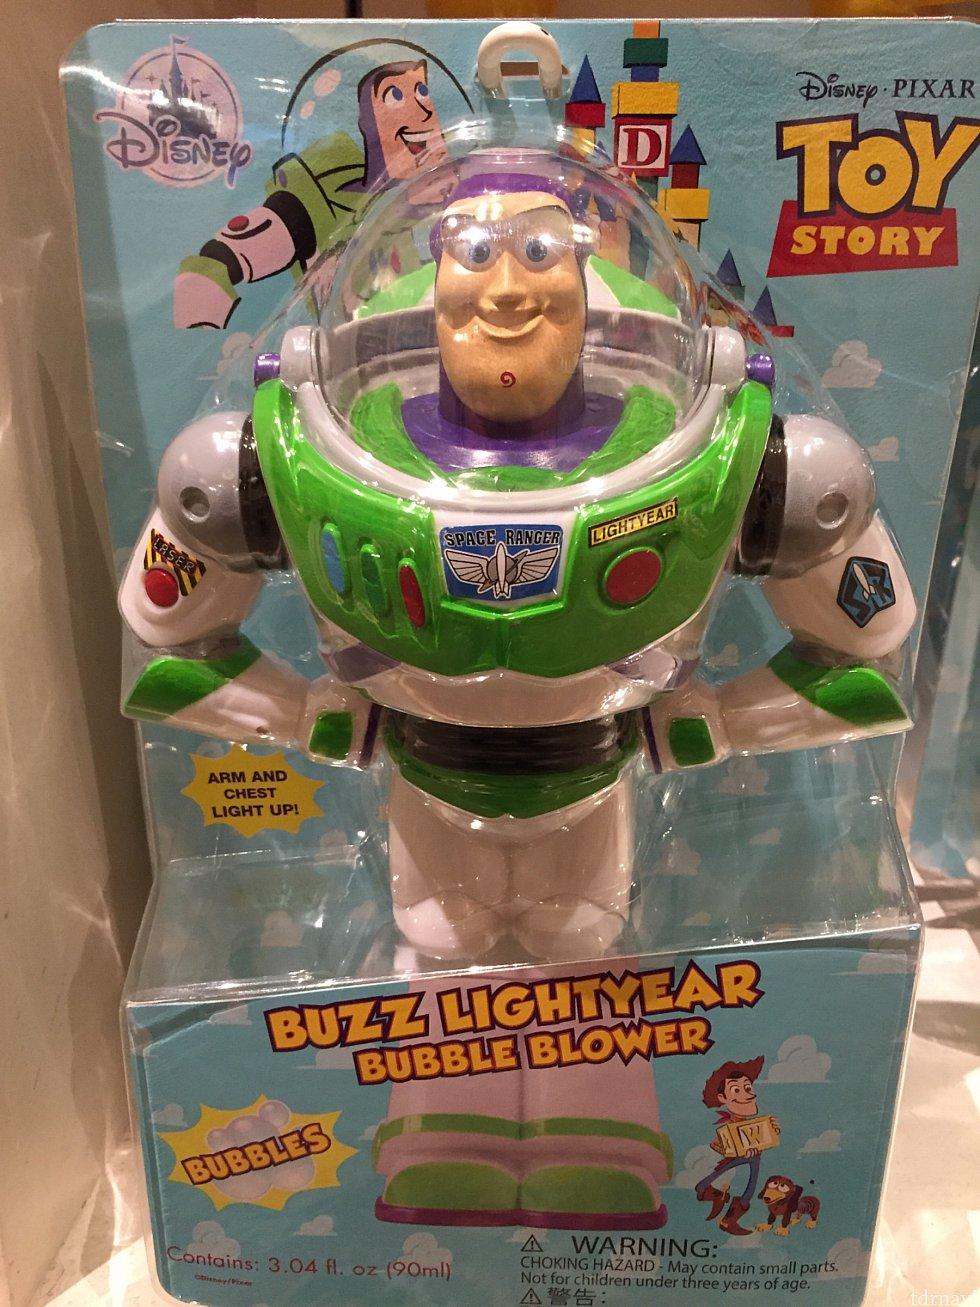 購入したのはバズ・ライトイヤーのBUBBLE BLOWER✨大きさもTOY STORYに出てくるバズのおもちゃの原寸大イメージそのものです😳